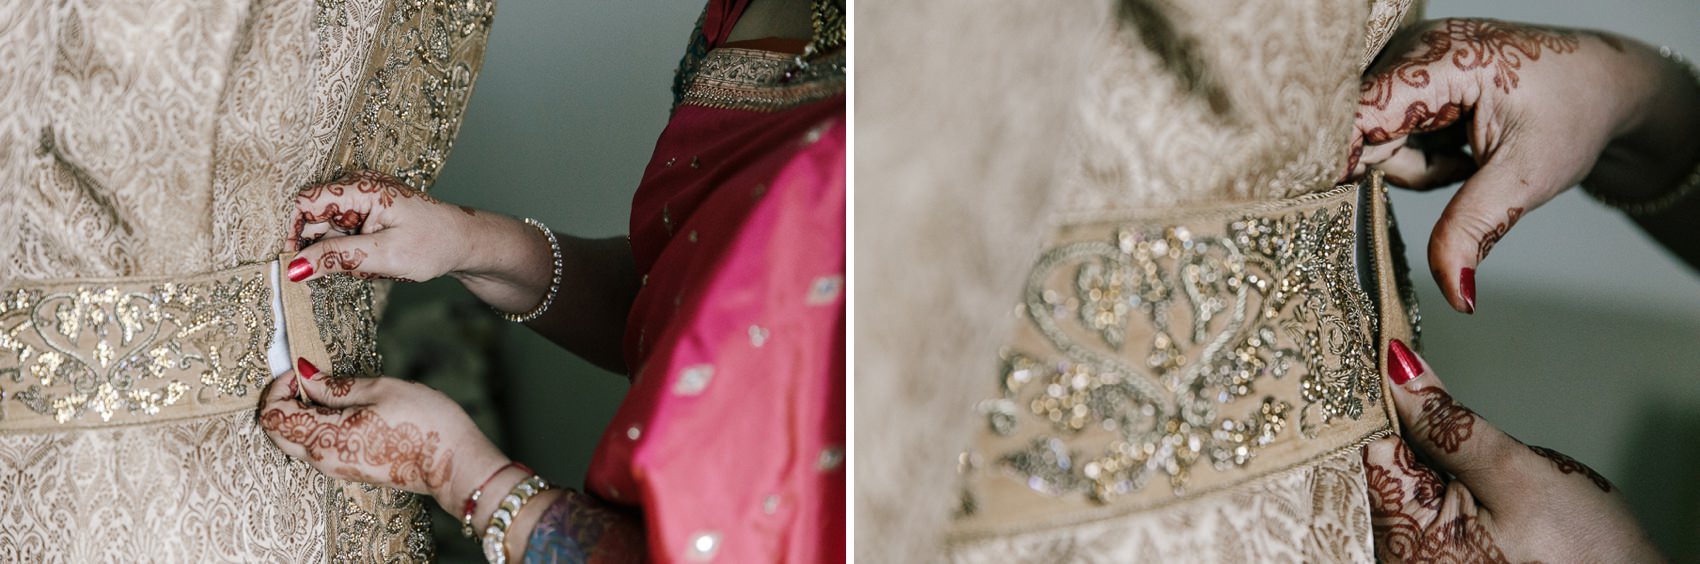 Indian-Wedding-Photography-Maala-Rohan_0137